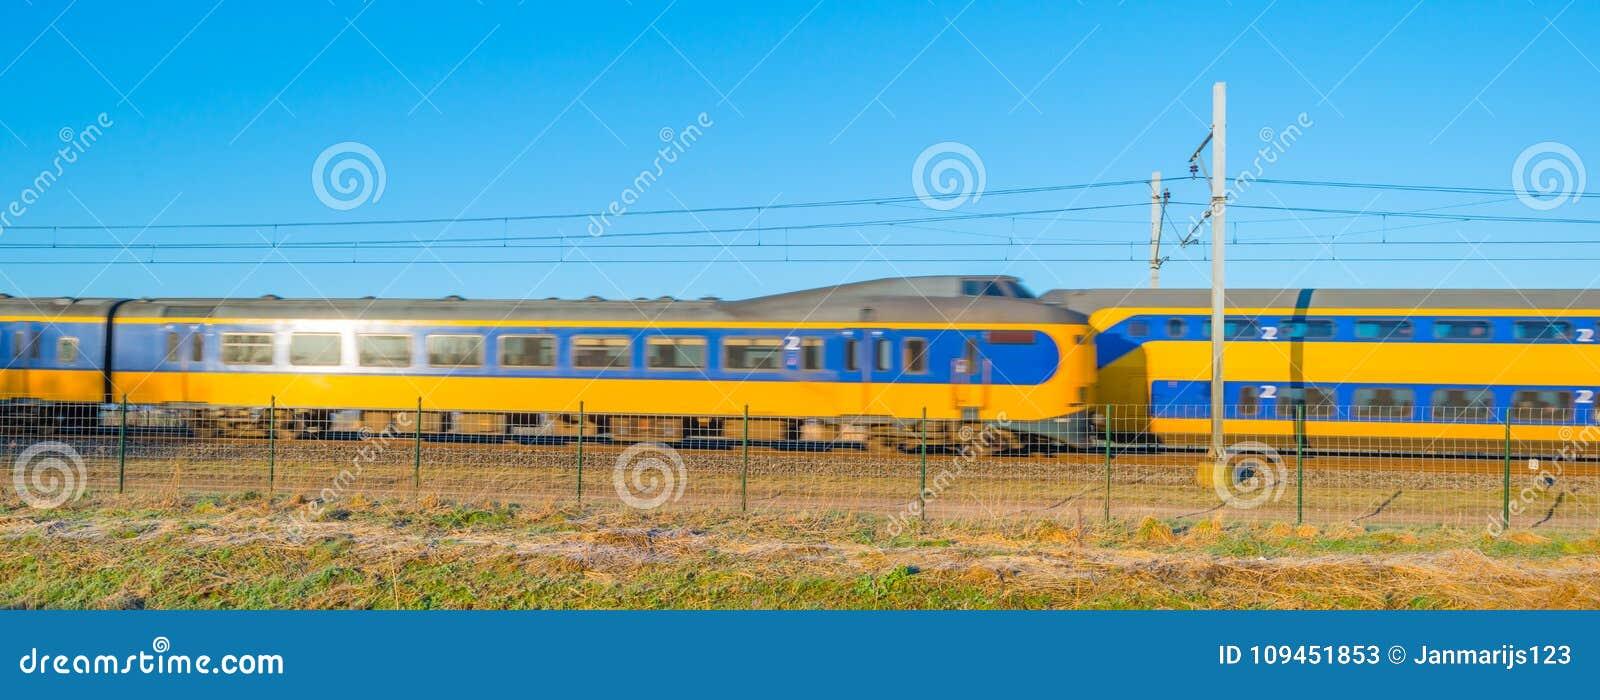 Проходить поезда на железных дорогах через природу